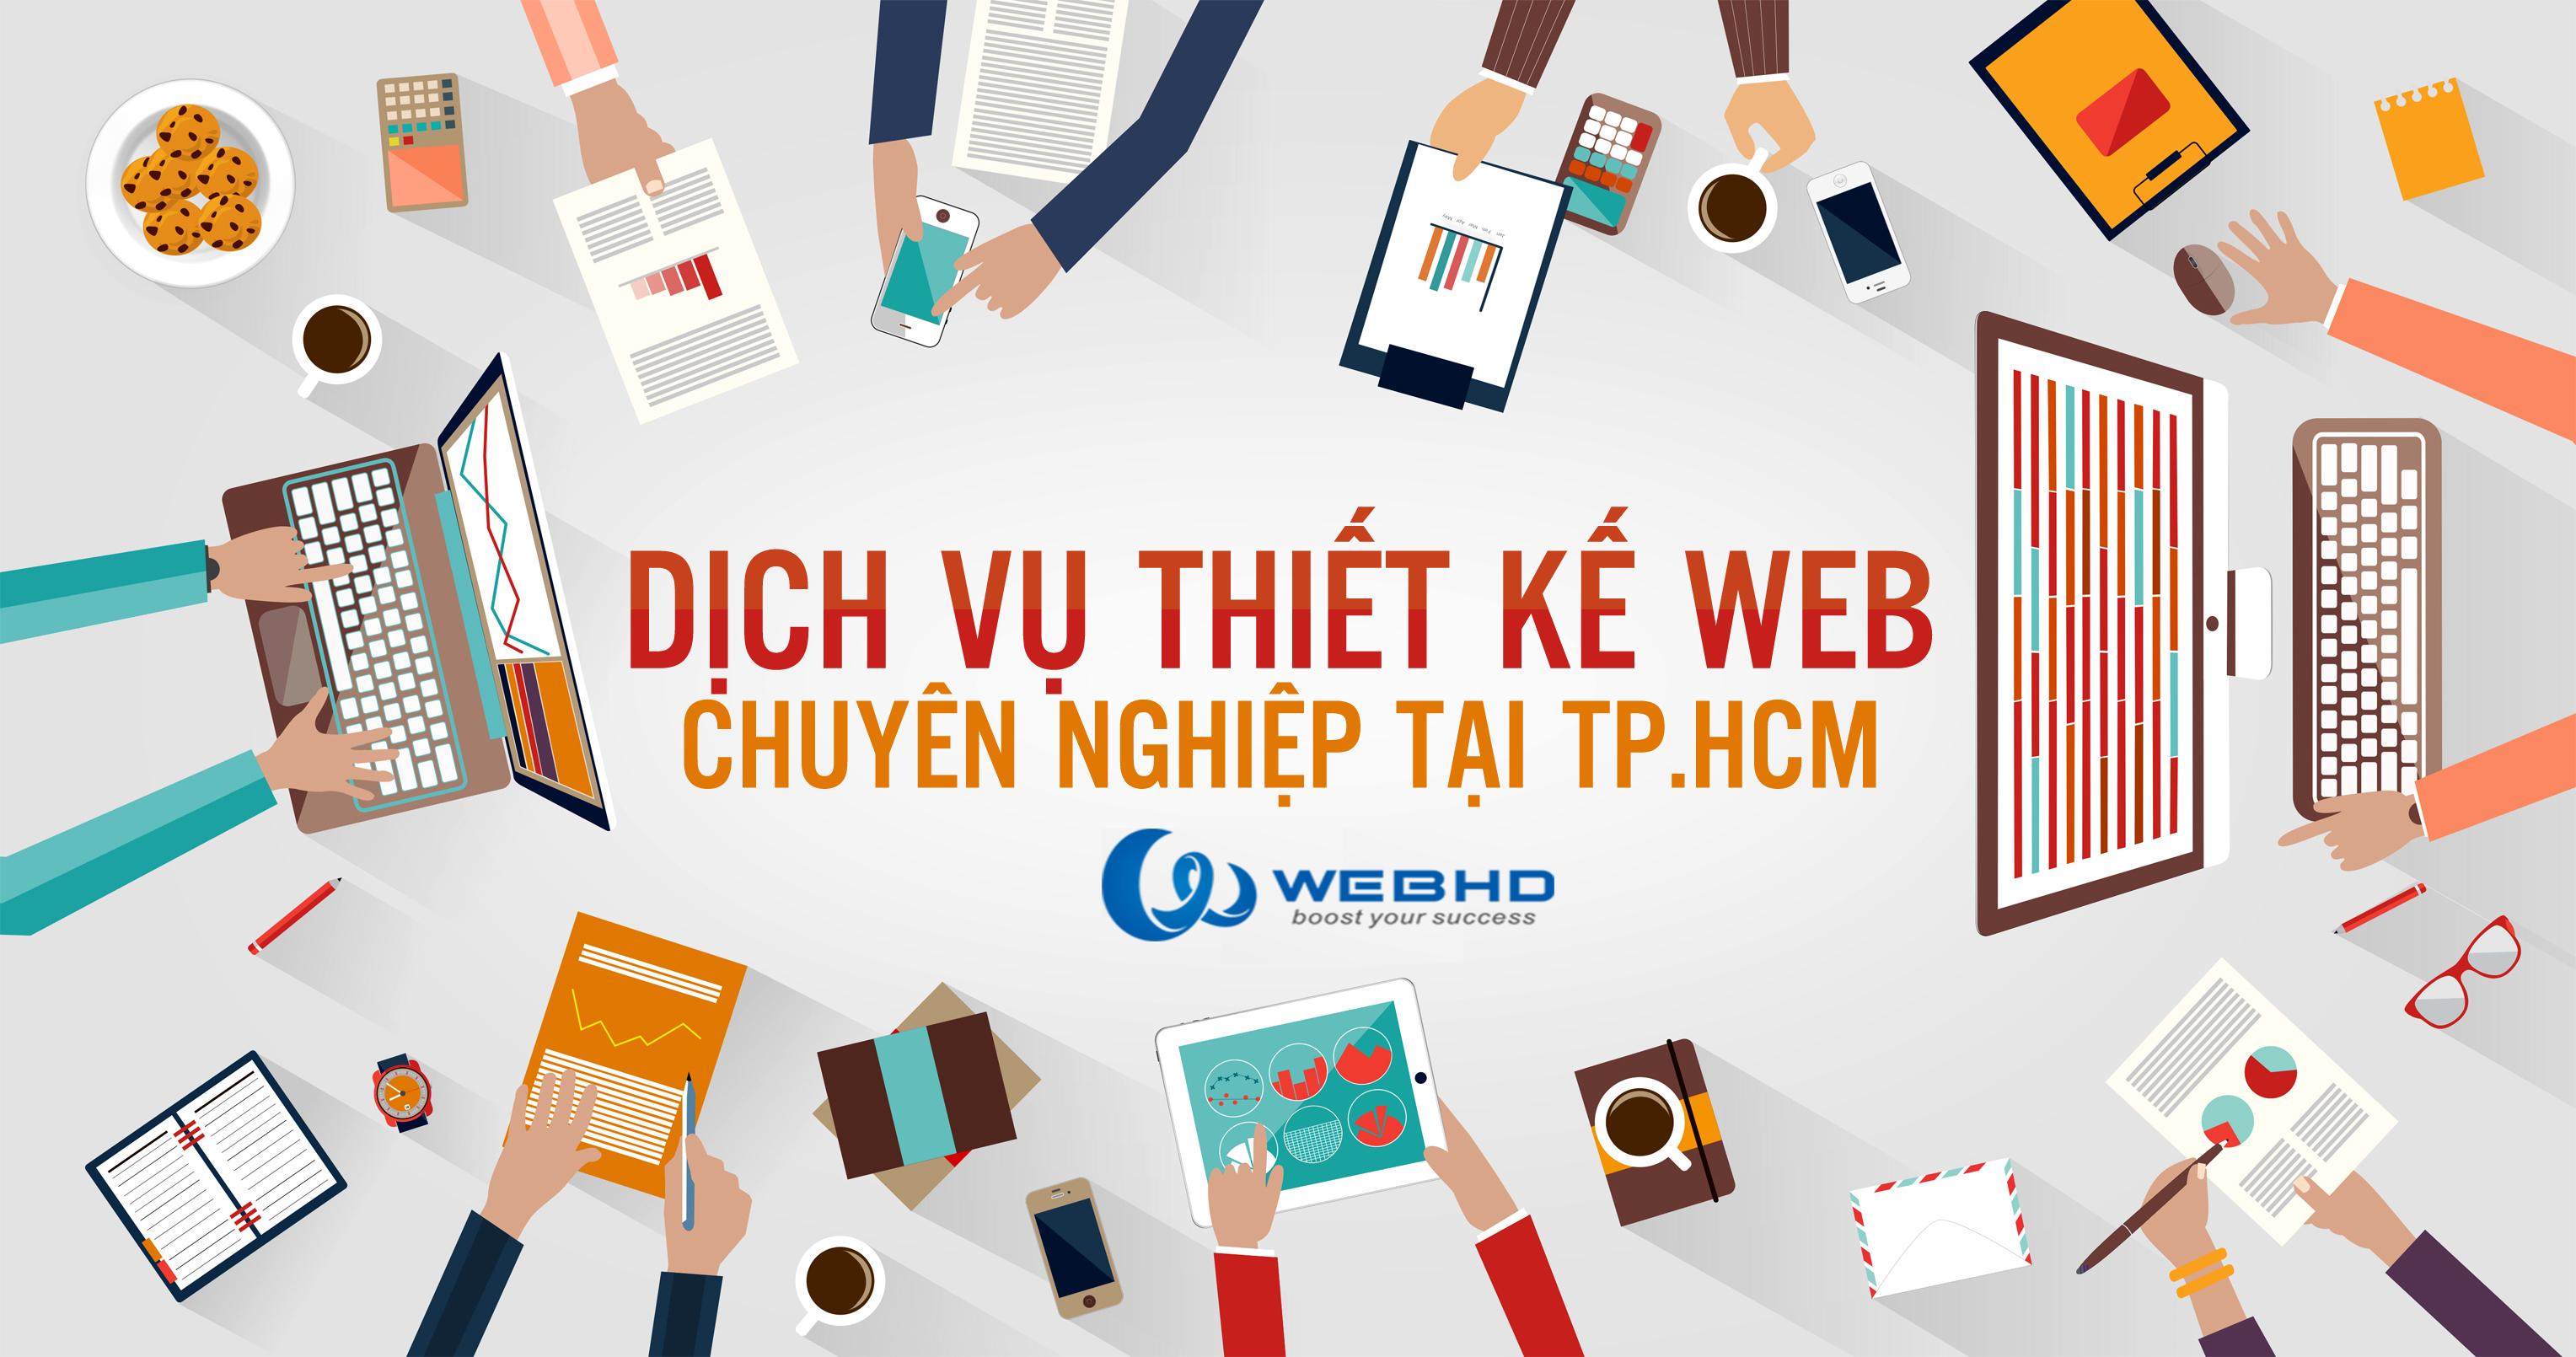 Thiết kế website tại Hồ Chí Minh Chuyên Nghiệp